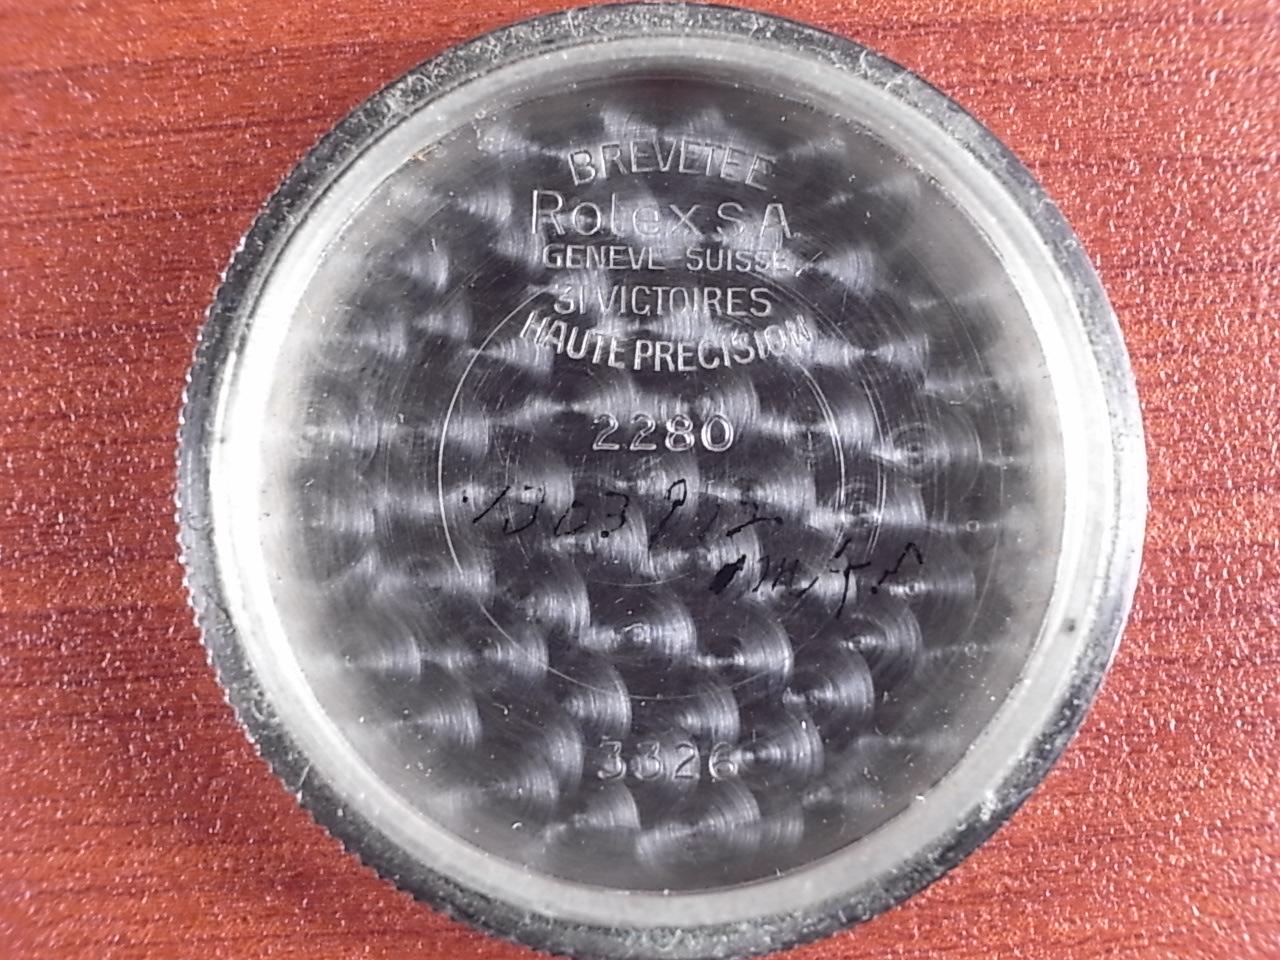 ロレックス オイスター ローヤライト オブザバトリー マジェスティックダイアル 1940年代の写真6枚目